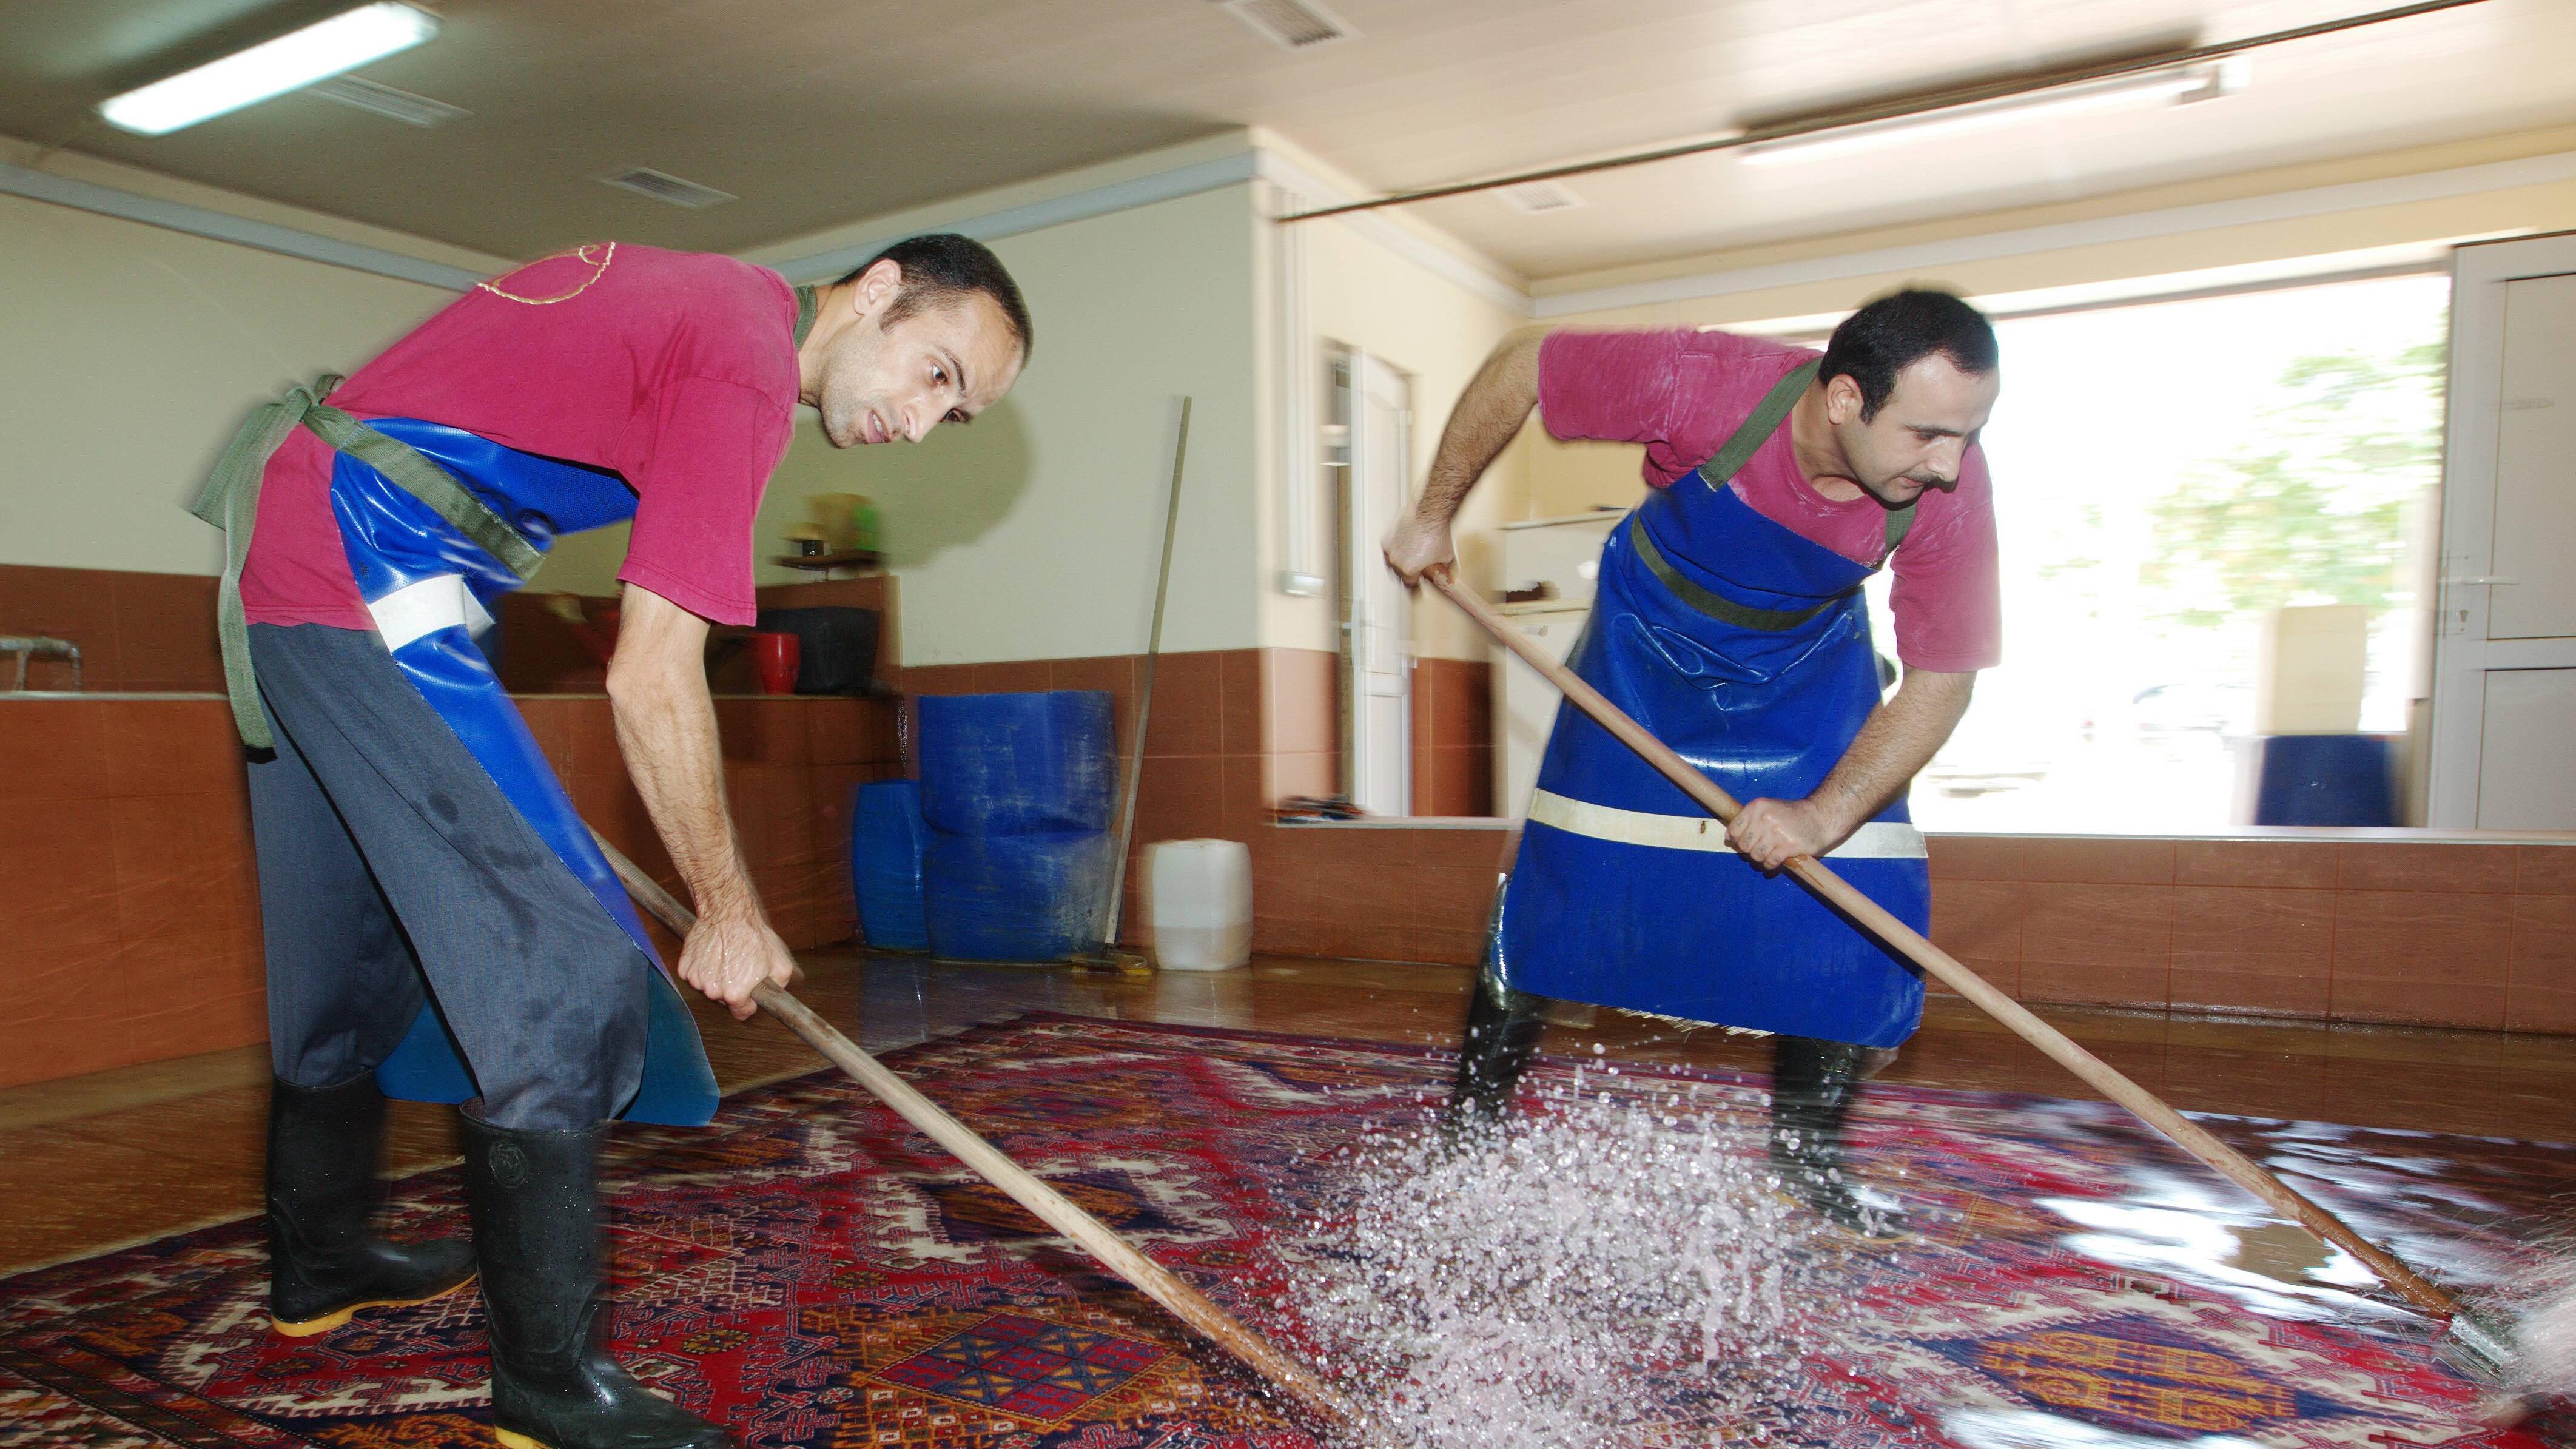 Orientteppich mit sanften Mitteln selber reinigen